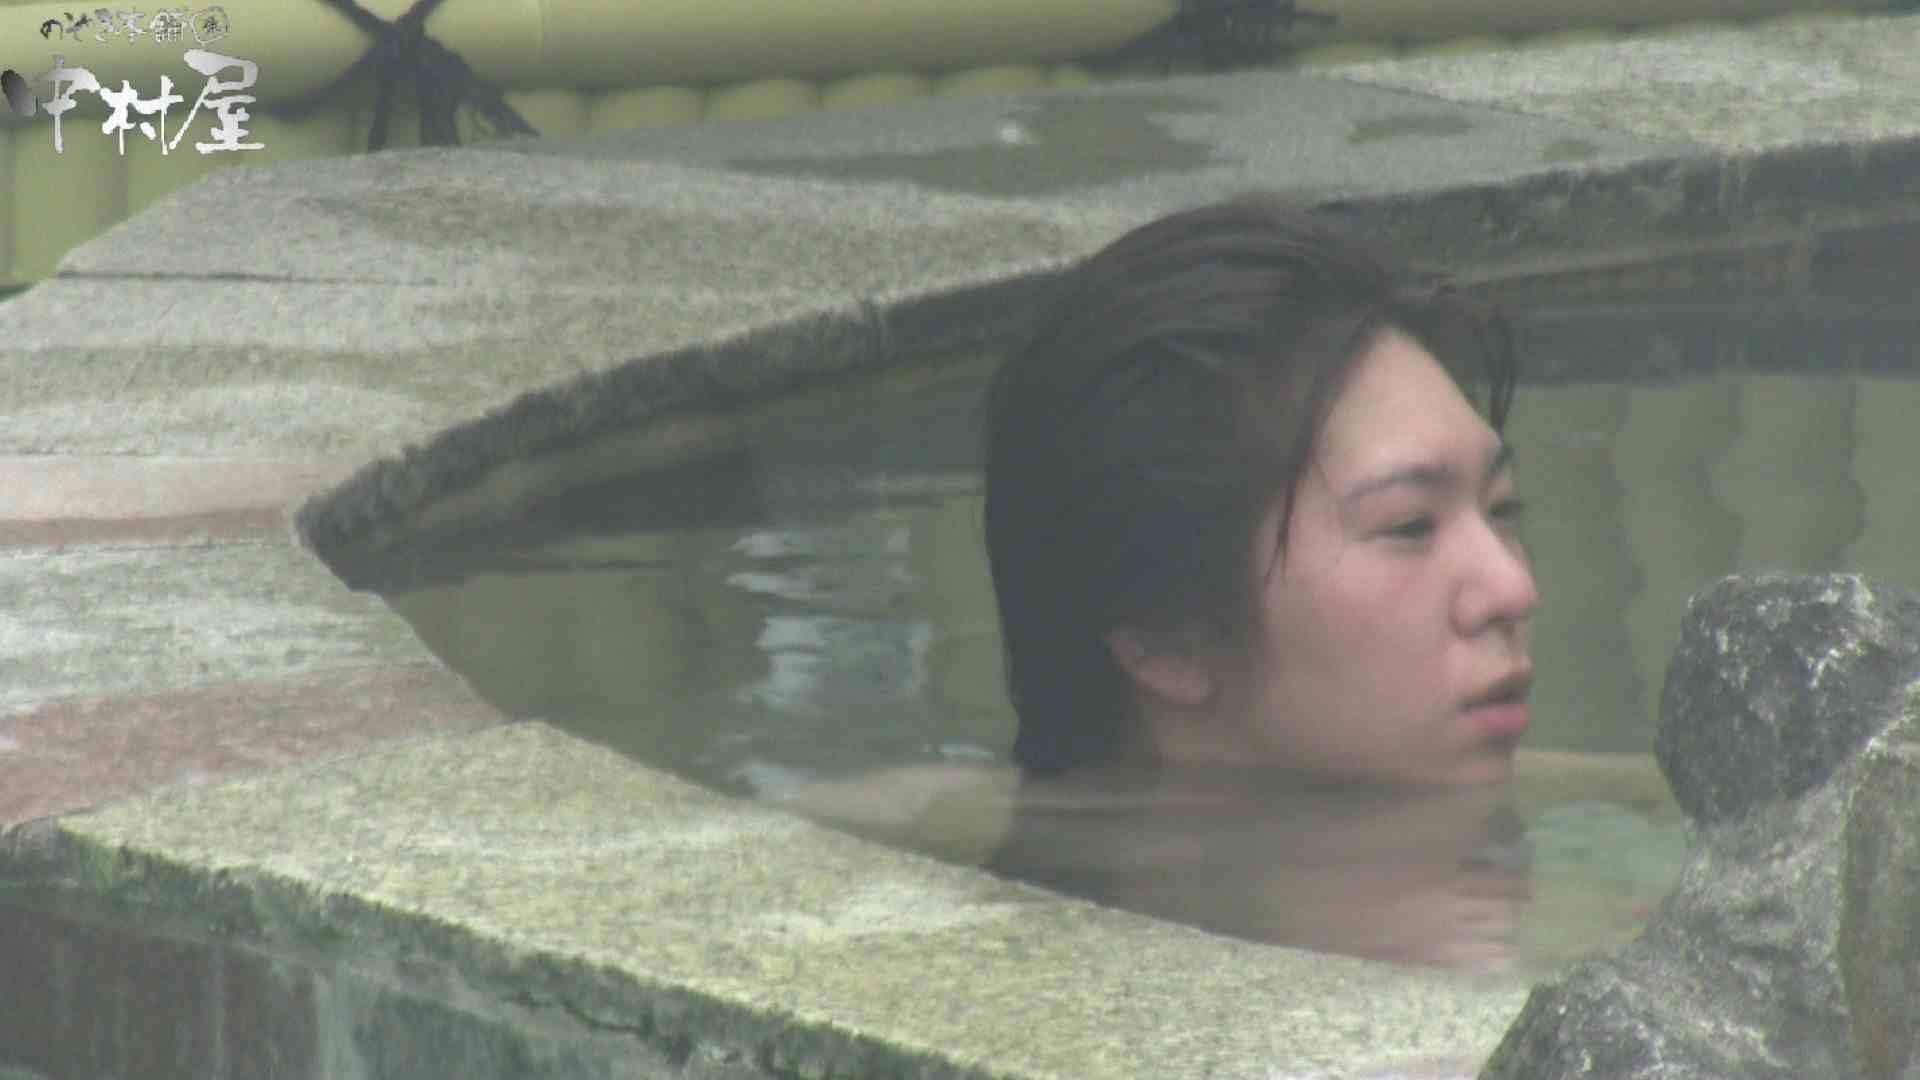 Aquaな露天風呂Vol.907 OL女体 | 女体盗撮  95連発 19